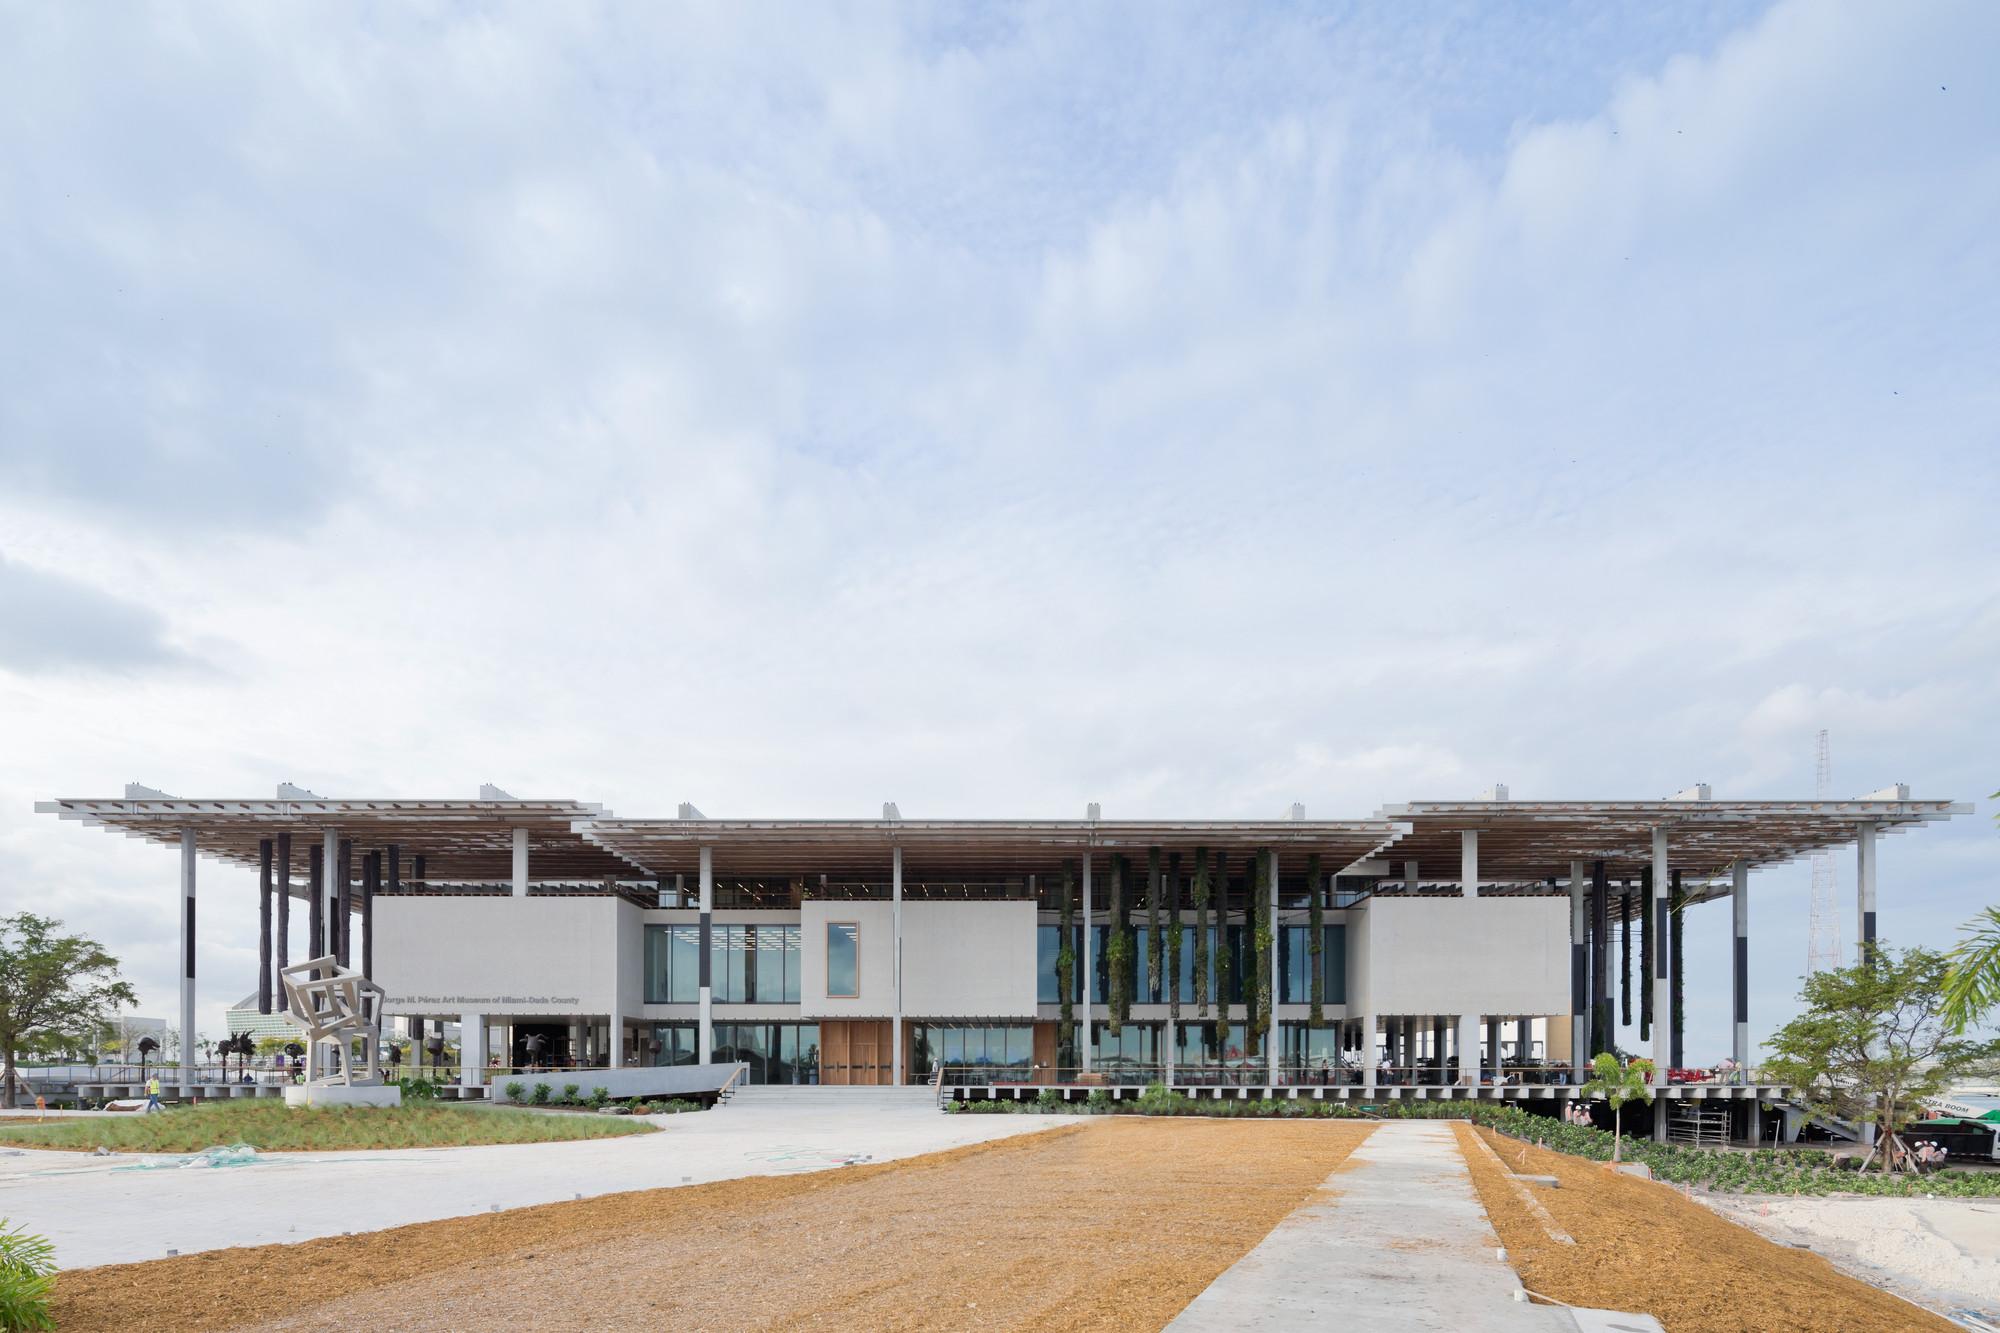 Perez art museum herzog de meuron archdaily for Arquitectura materias